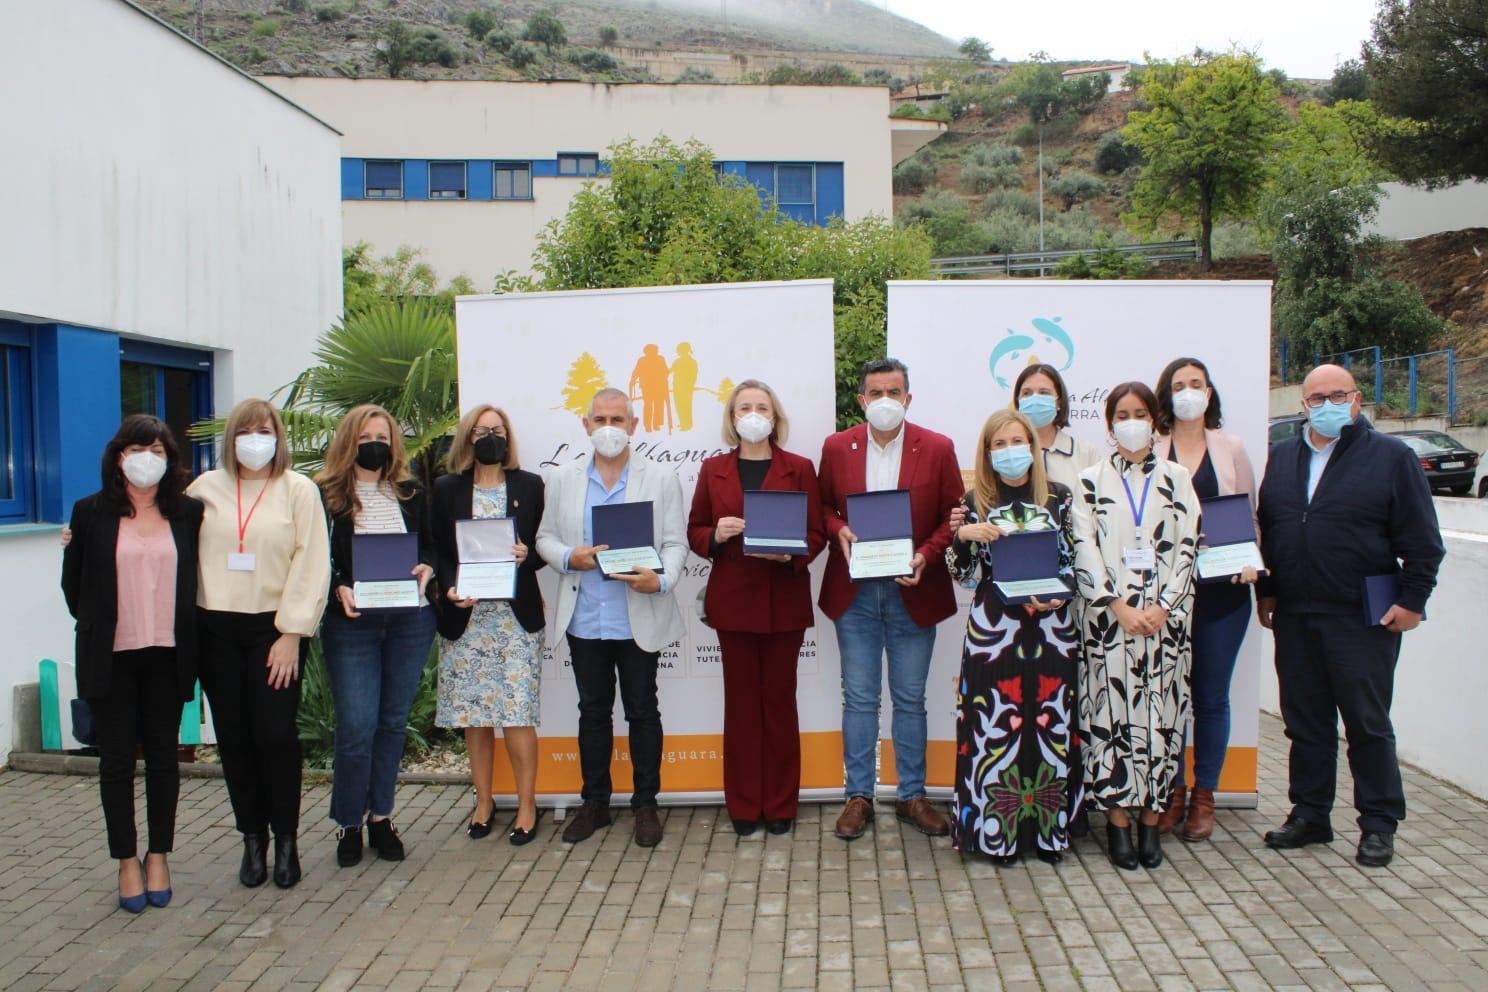 El Centro de Personas con Discapacidad 'Sierra de Loja', reconoce la labor del Hospital de Loja frente a la COVID-19